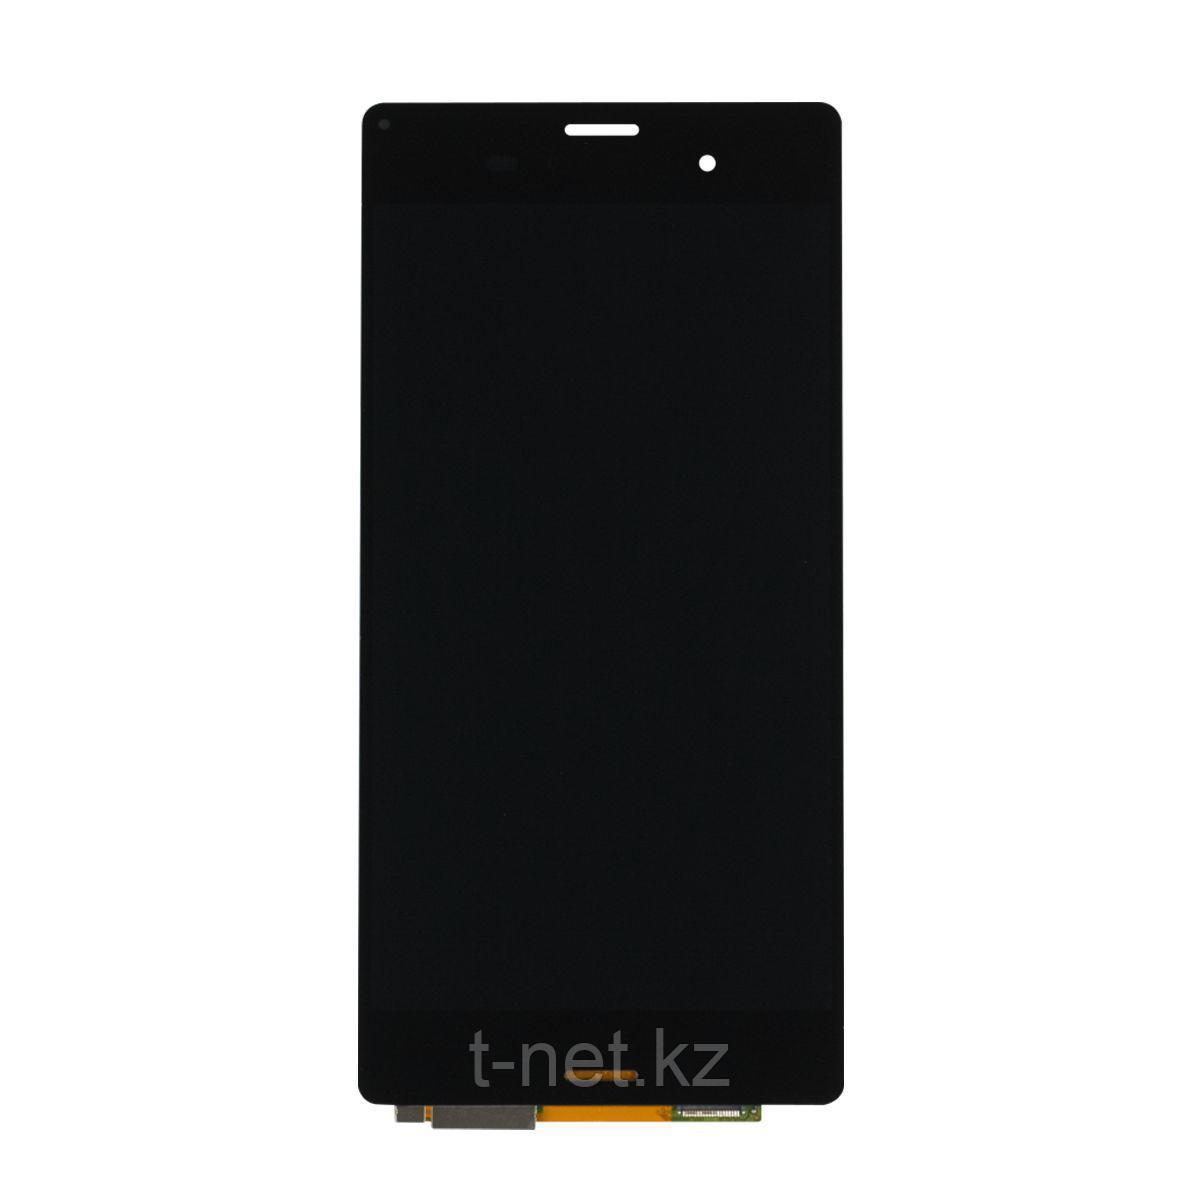 Дисплей Sony Xperia Z3 D6603/D6653, с сенсором, цвет черный